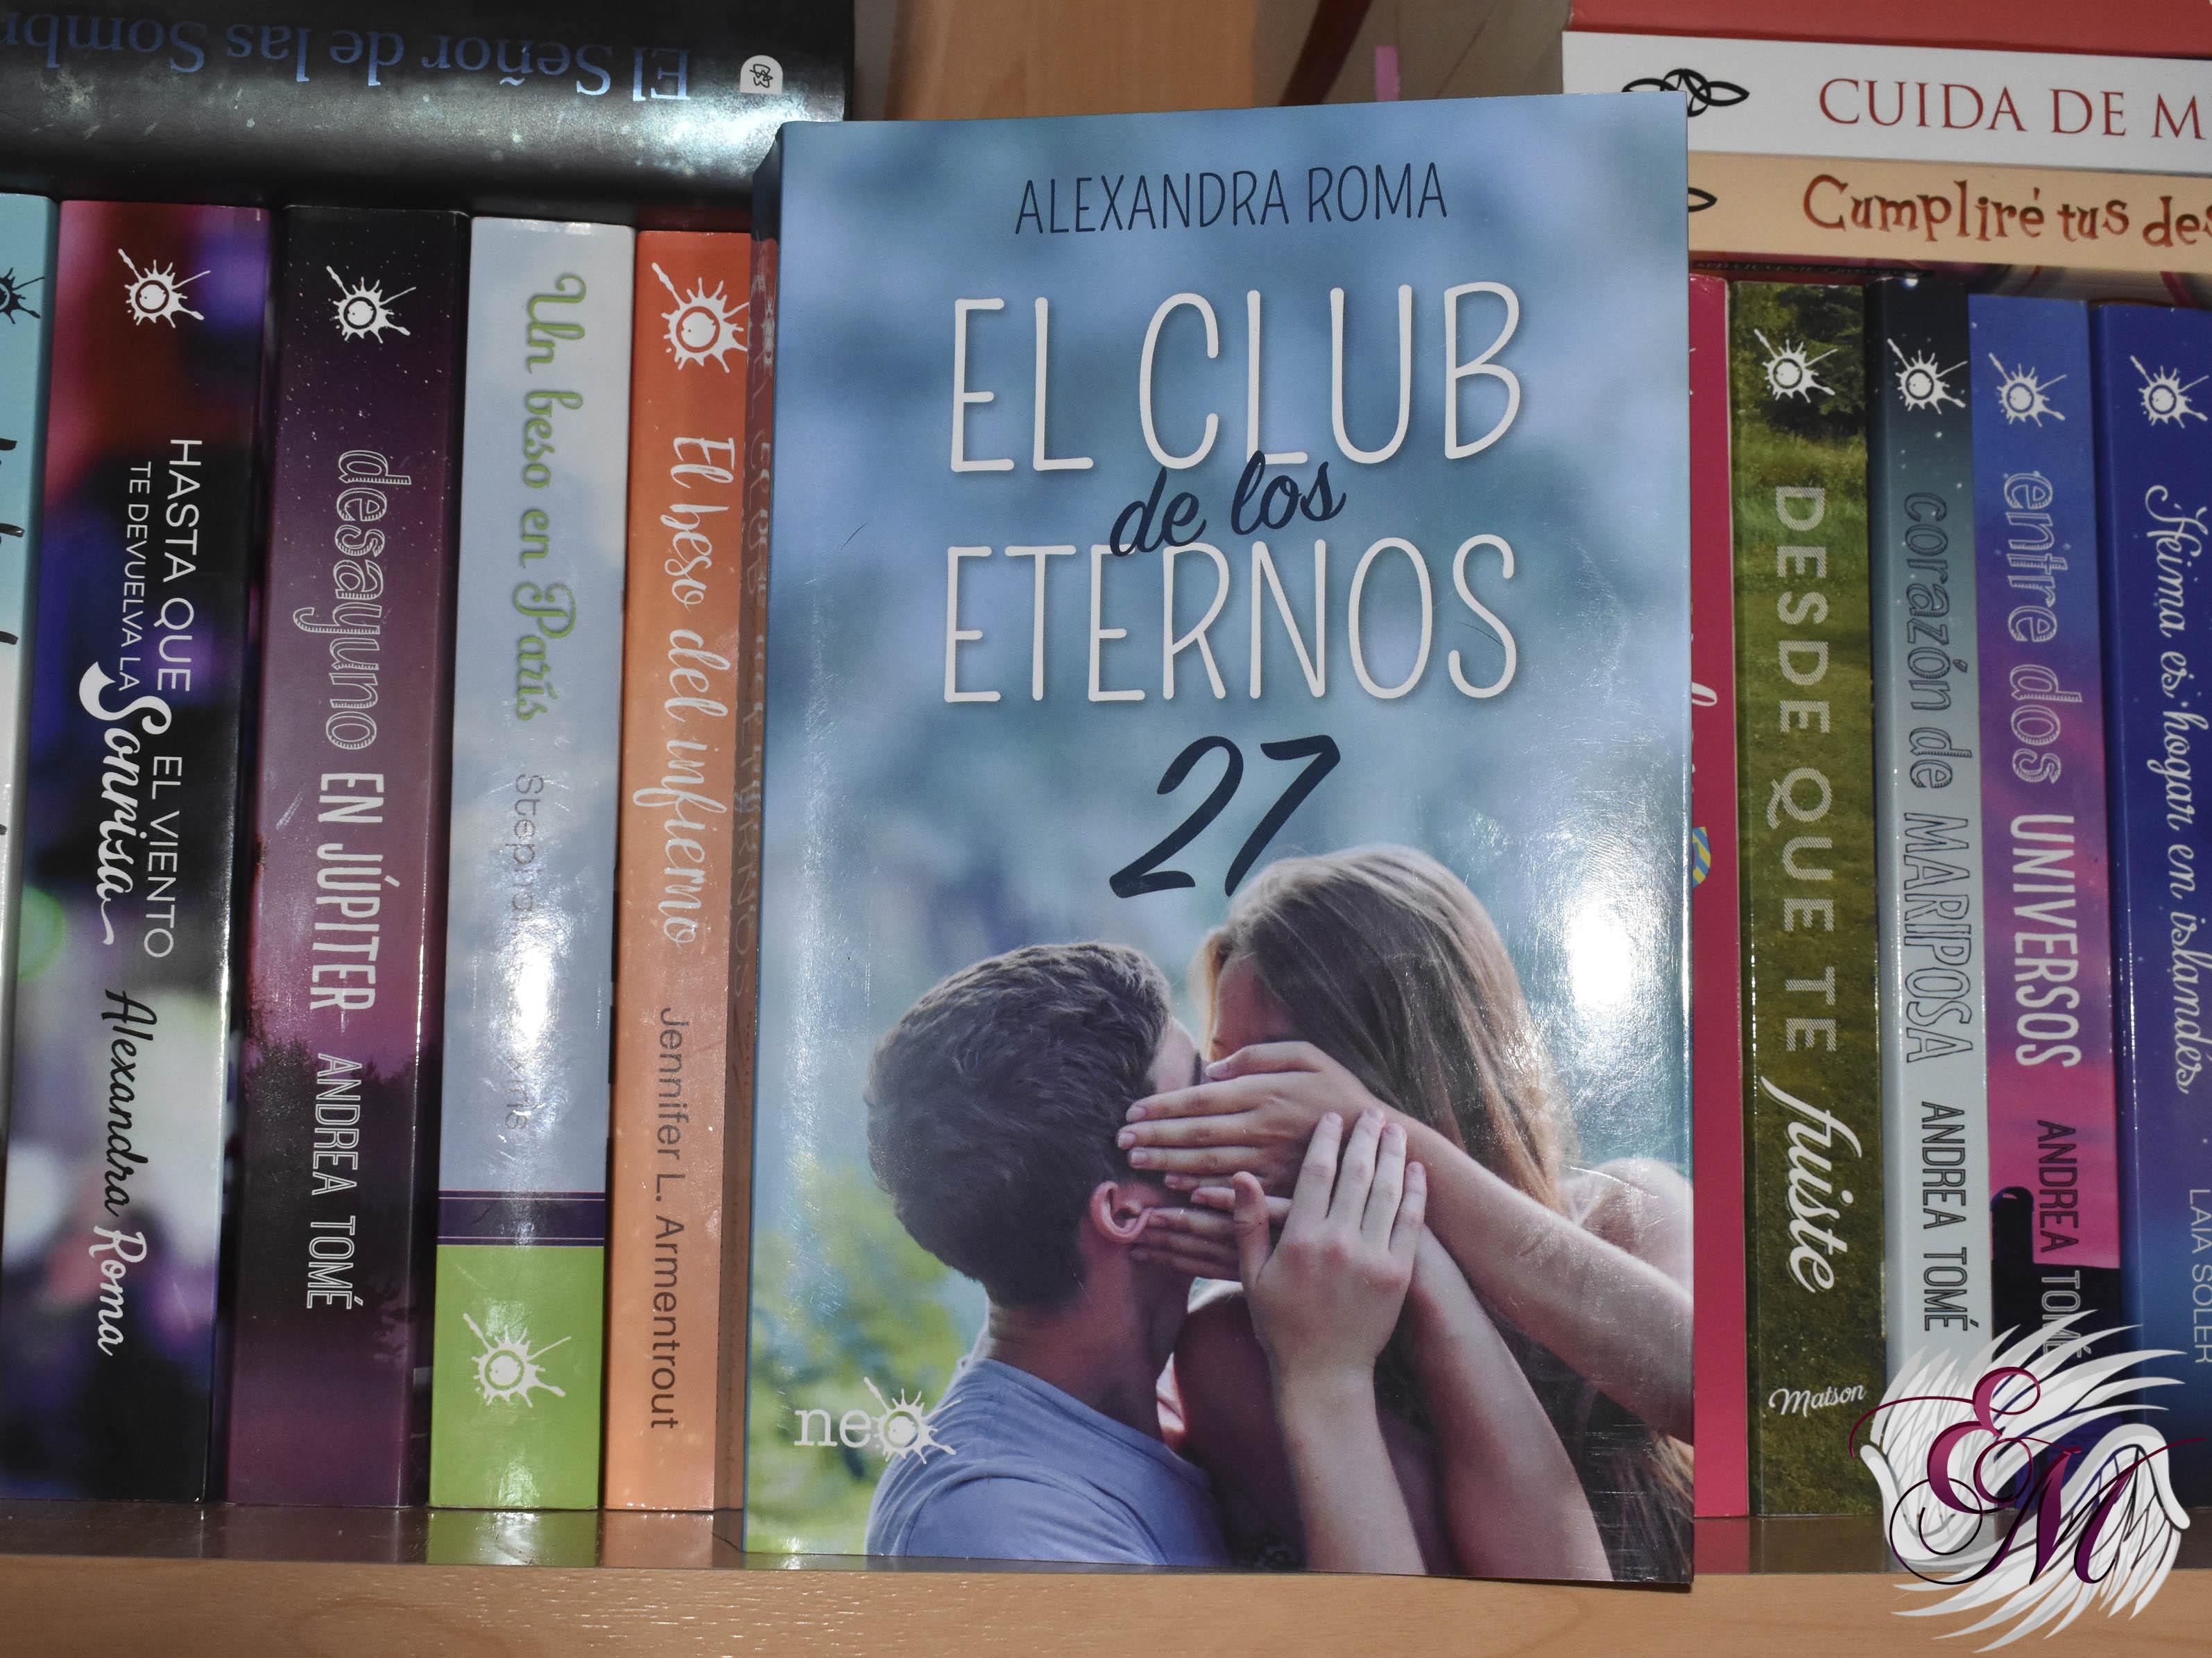 El club de los eternos 27, de Alexandra Roma - Reseña